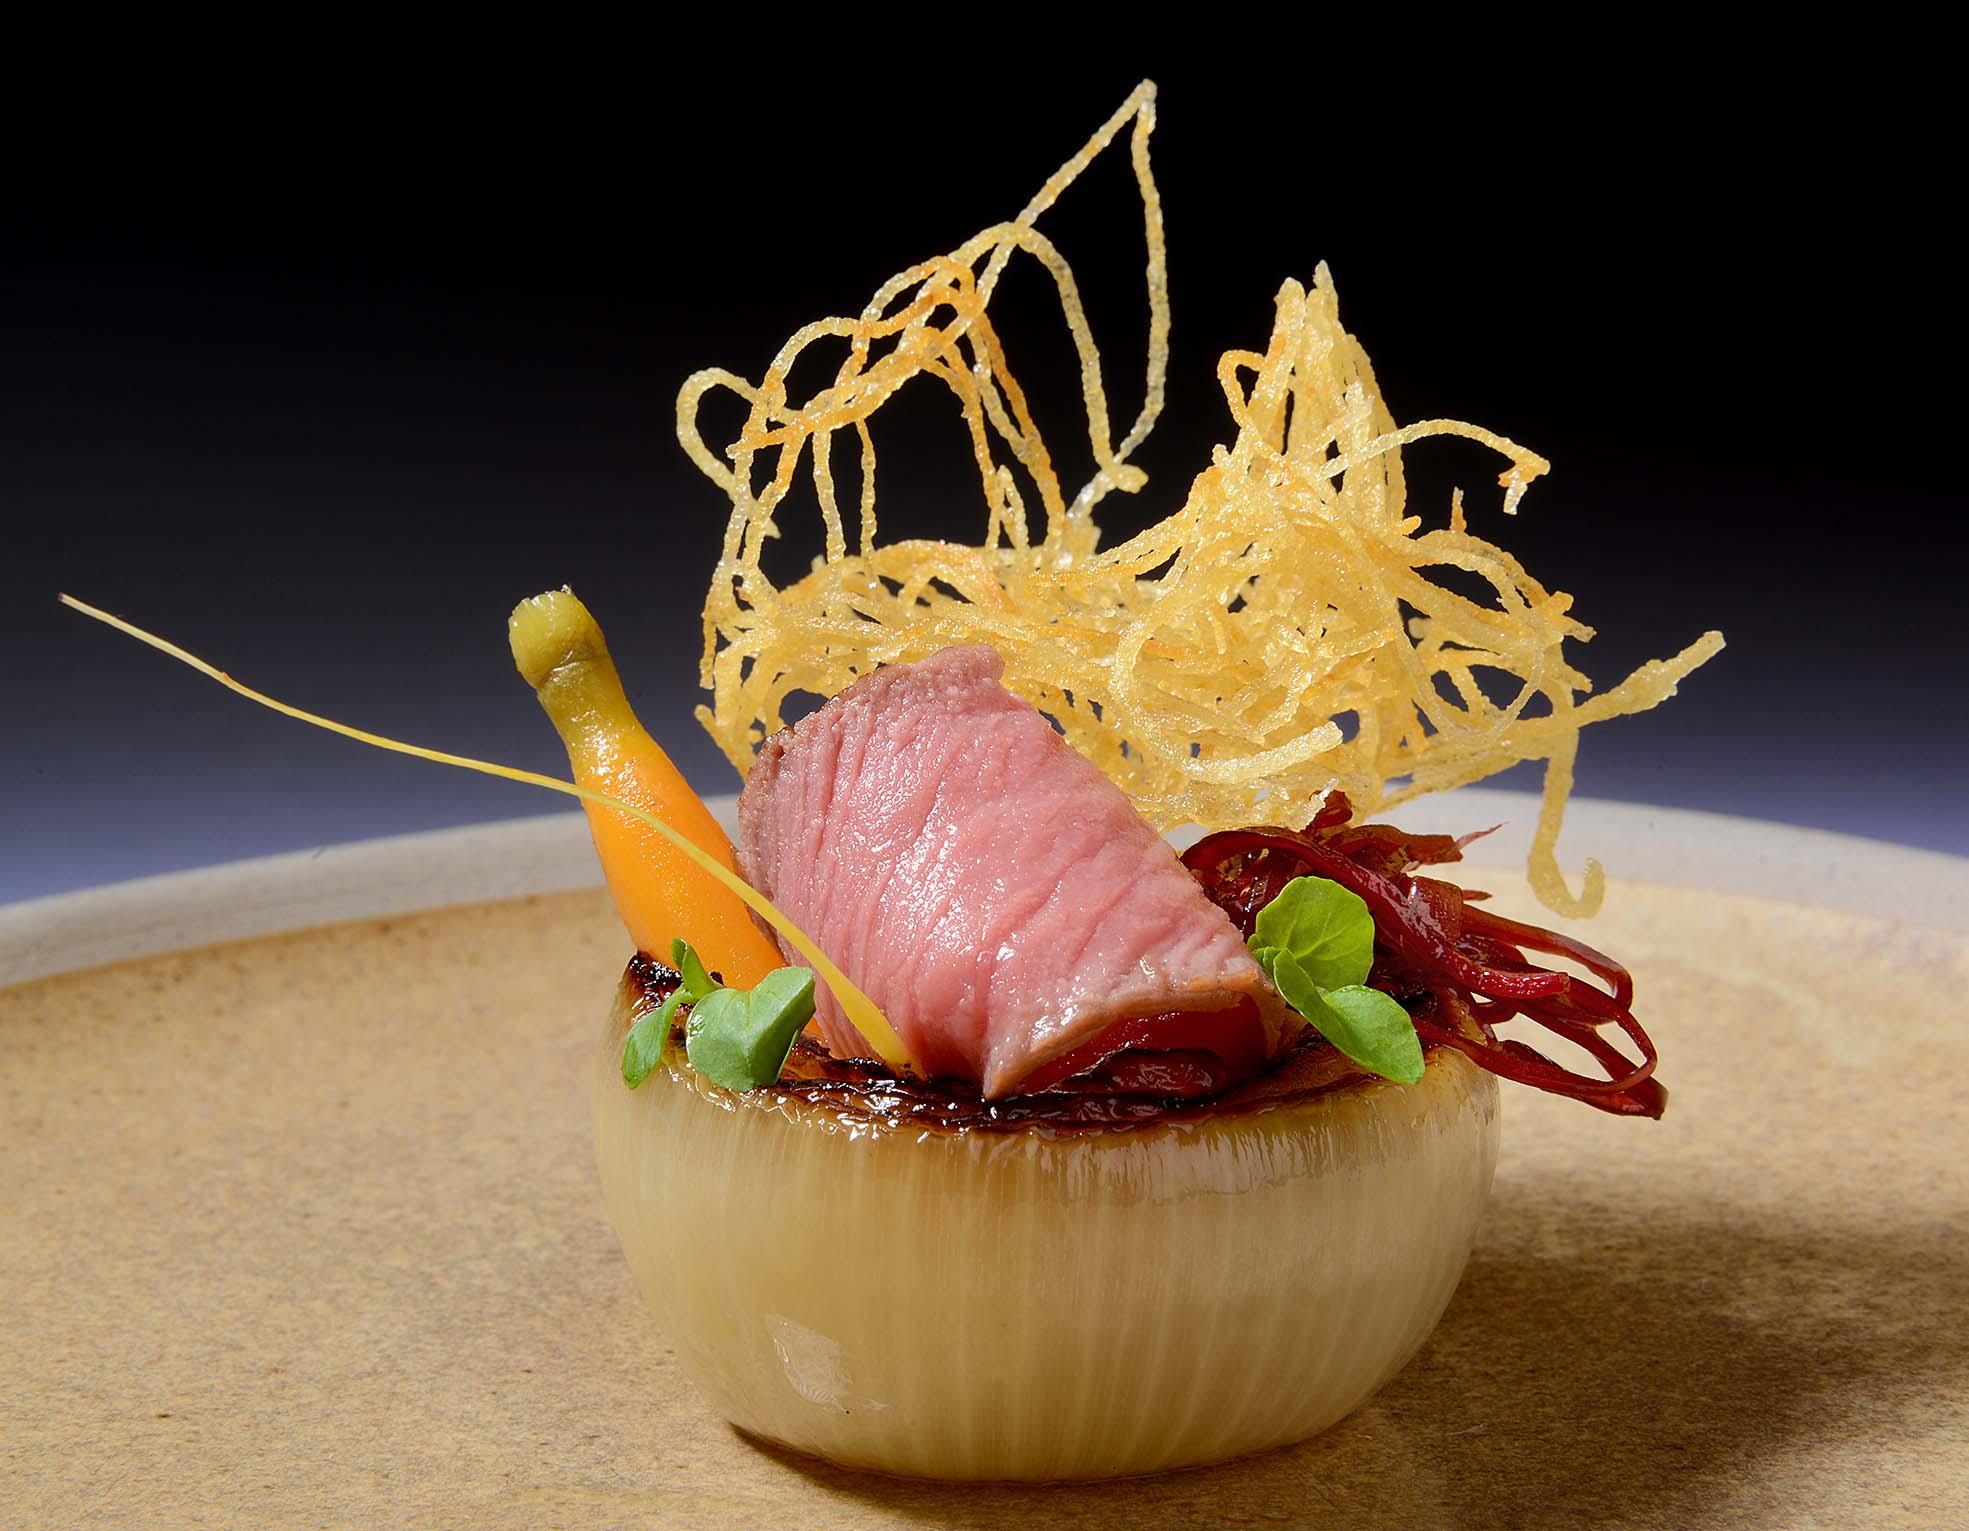 013 NC MENU(151015) Lancashire Hot Pot Salad, Chargrilled Fillet of Salt Marsh Lamb, Pickled Red Cabbage